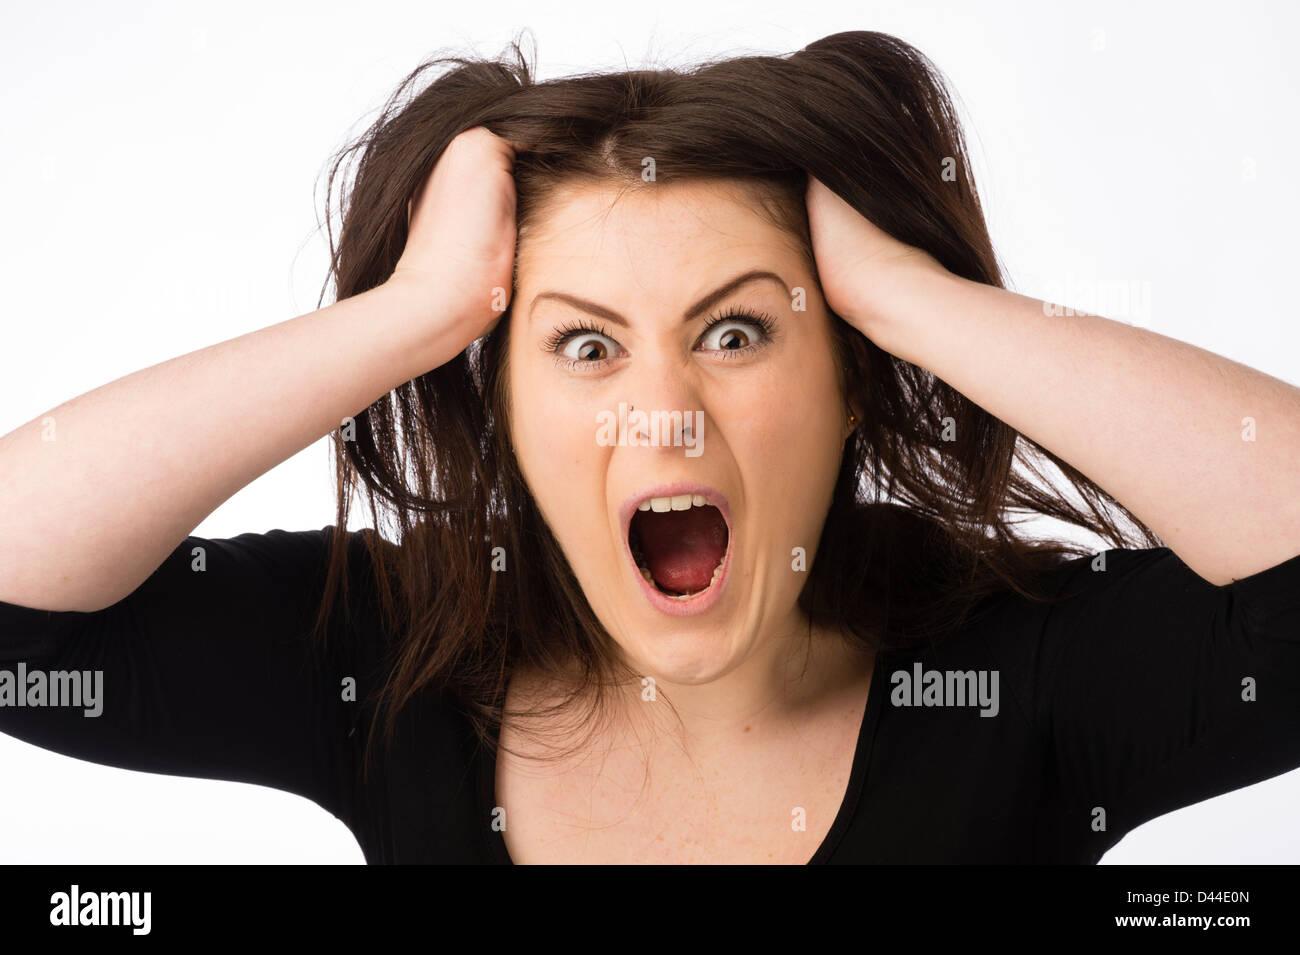 Une jeune femme en colère en criant, arracher en tirant ses cheveux brun , Royaume-Uni Photo Stock